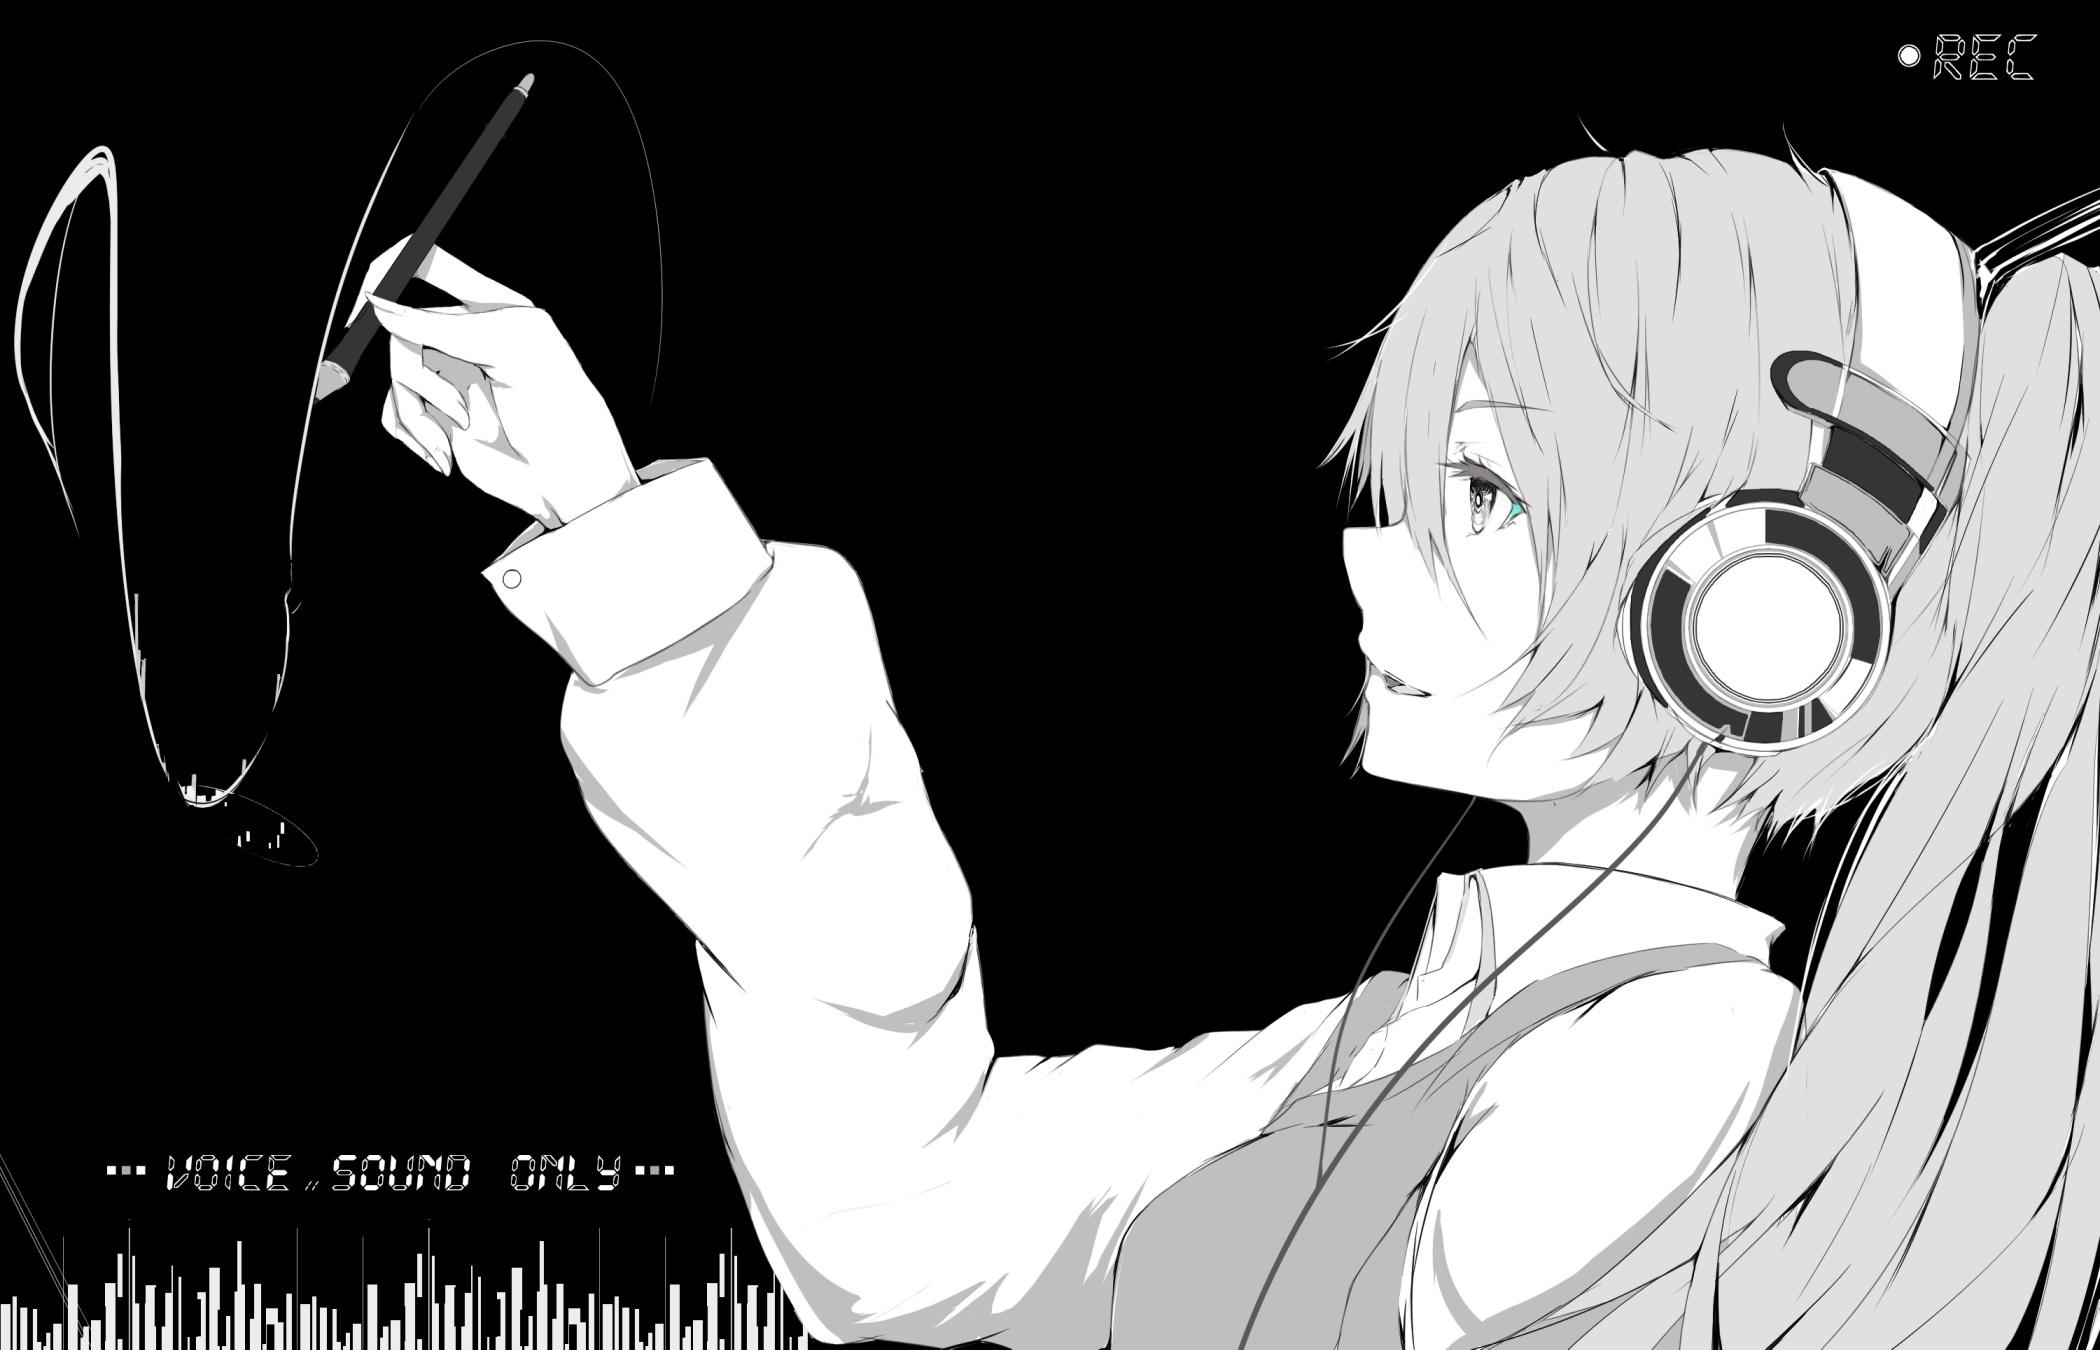 Digital Headphone Wallpaper Girl Fondos De Pantalla Dibujo Ilustraci 243 N Monocromo Anime